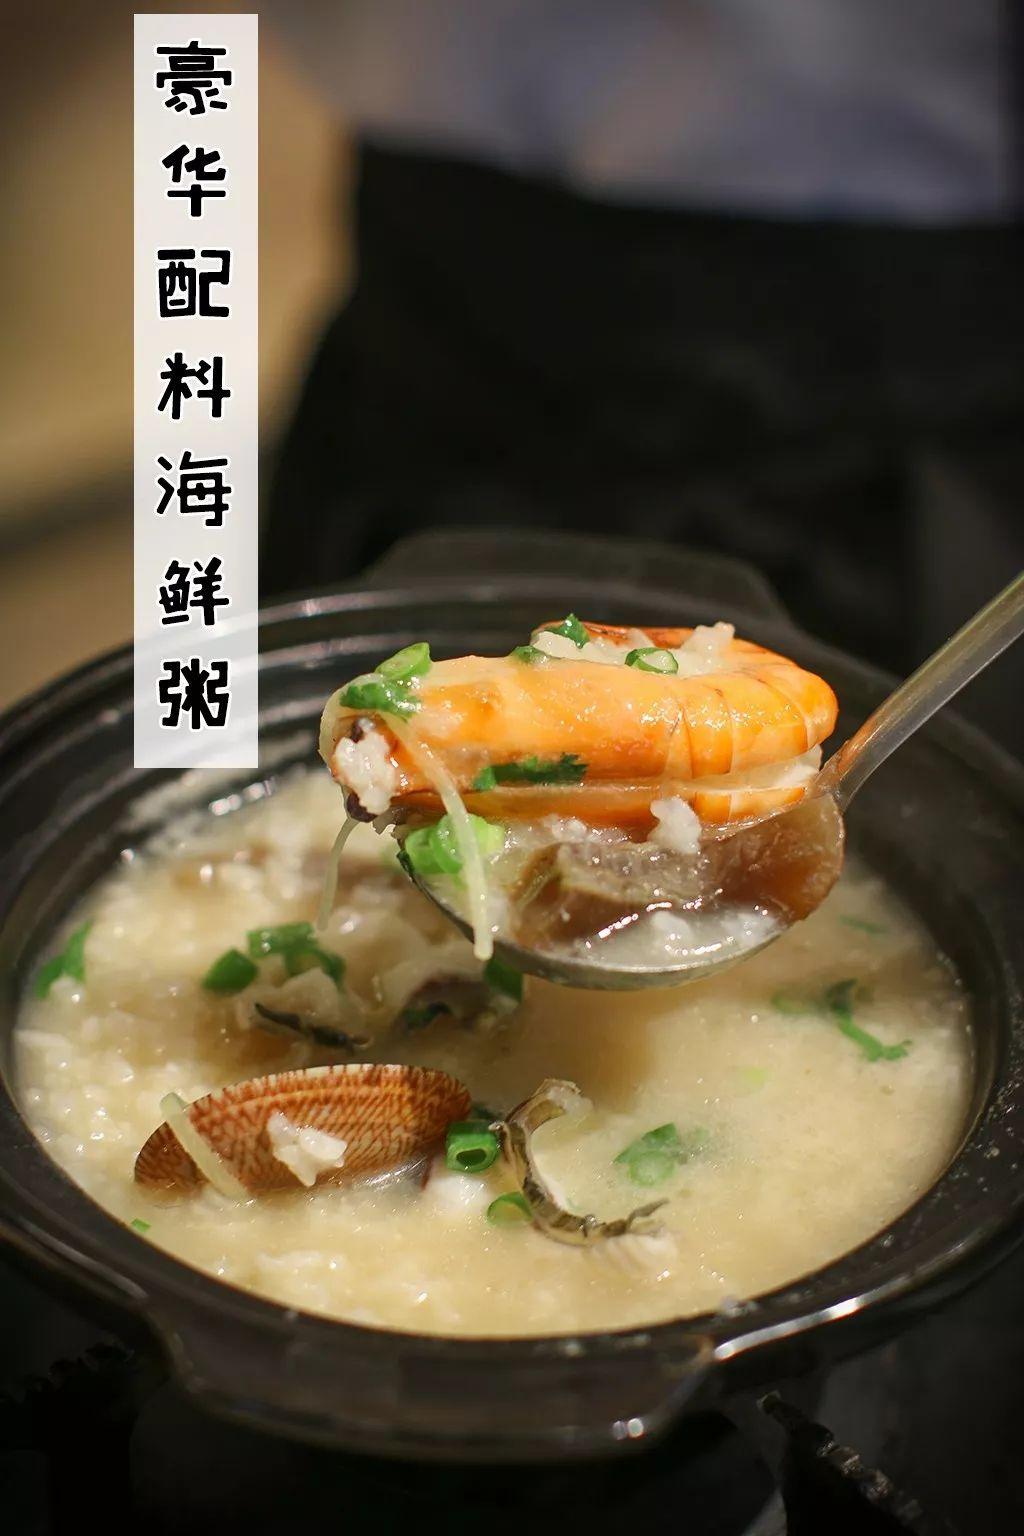 【步骤图】螃蟹粉丝煲的做法_螃蟹粉丝煲的做法步骤_... _下厨房